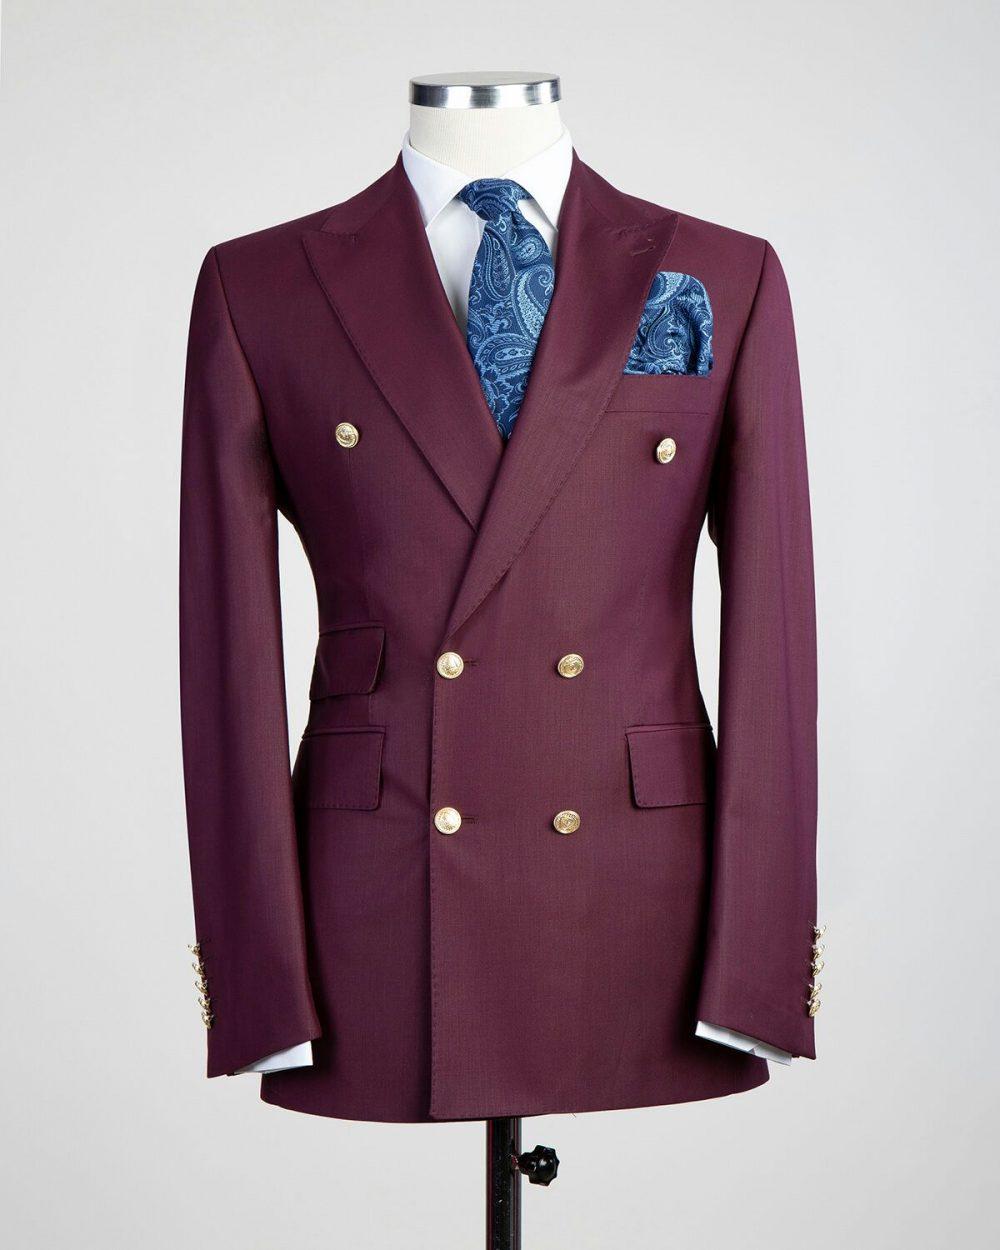 The Hutchison Burgundy Suit